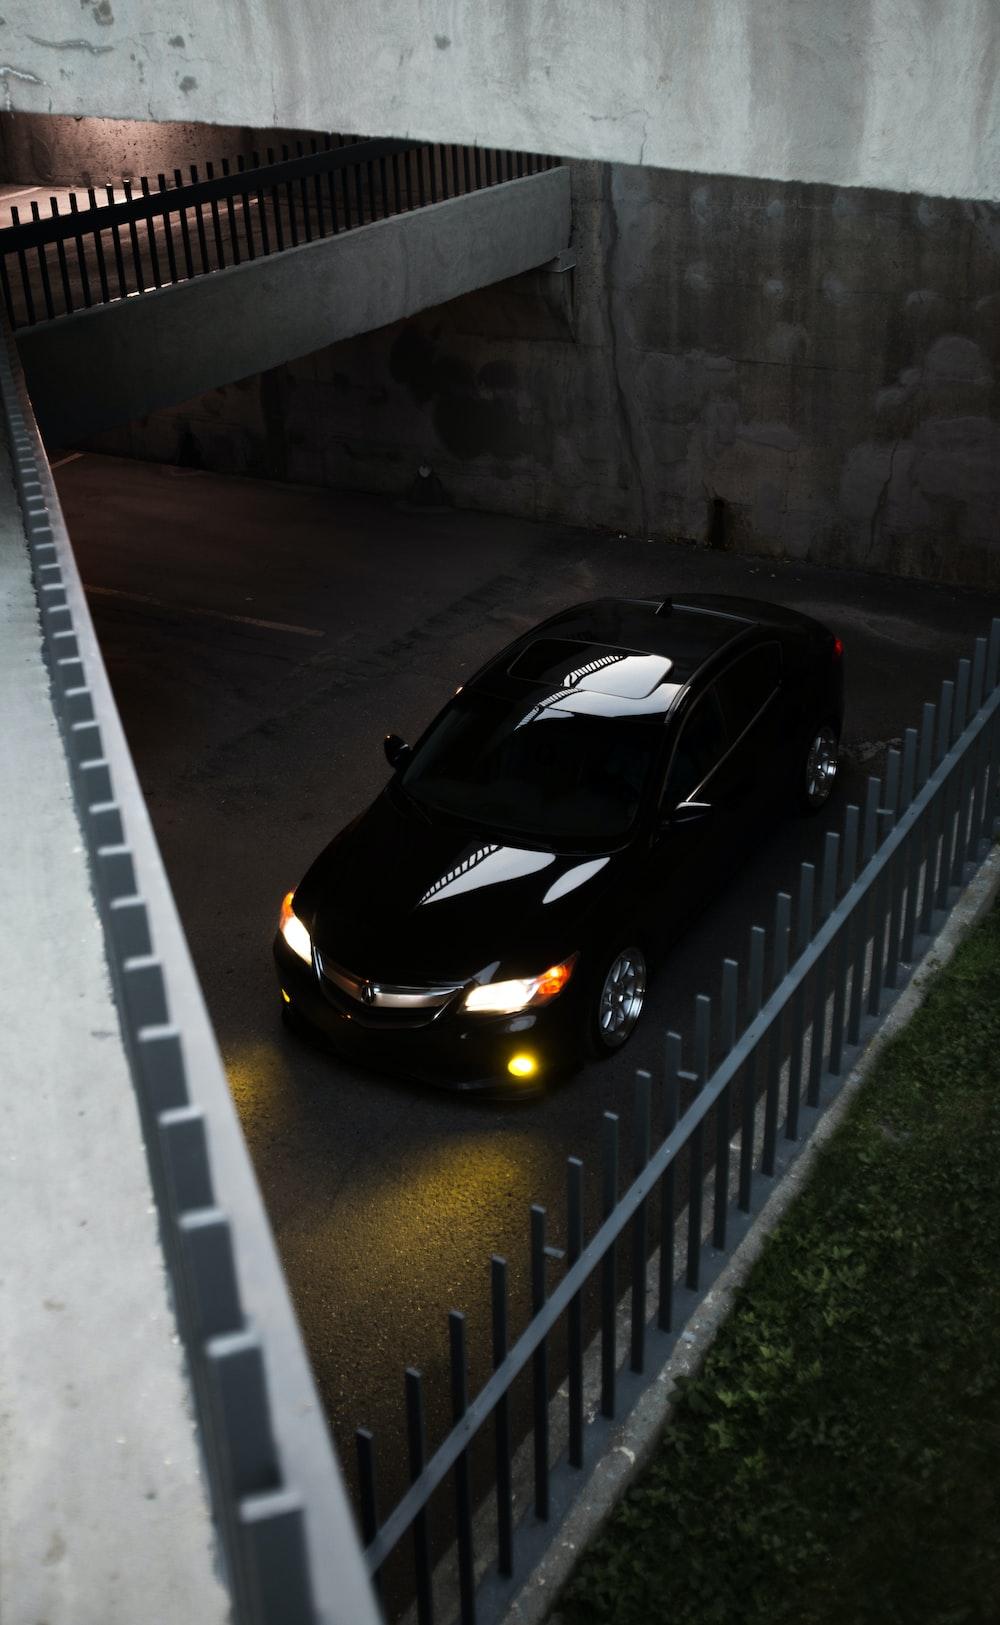 black car parked on parking lot